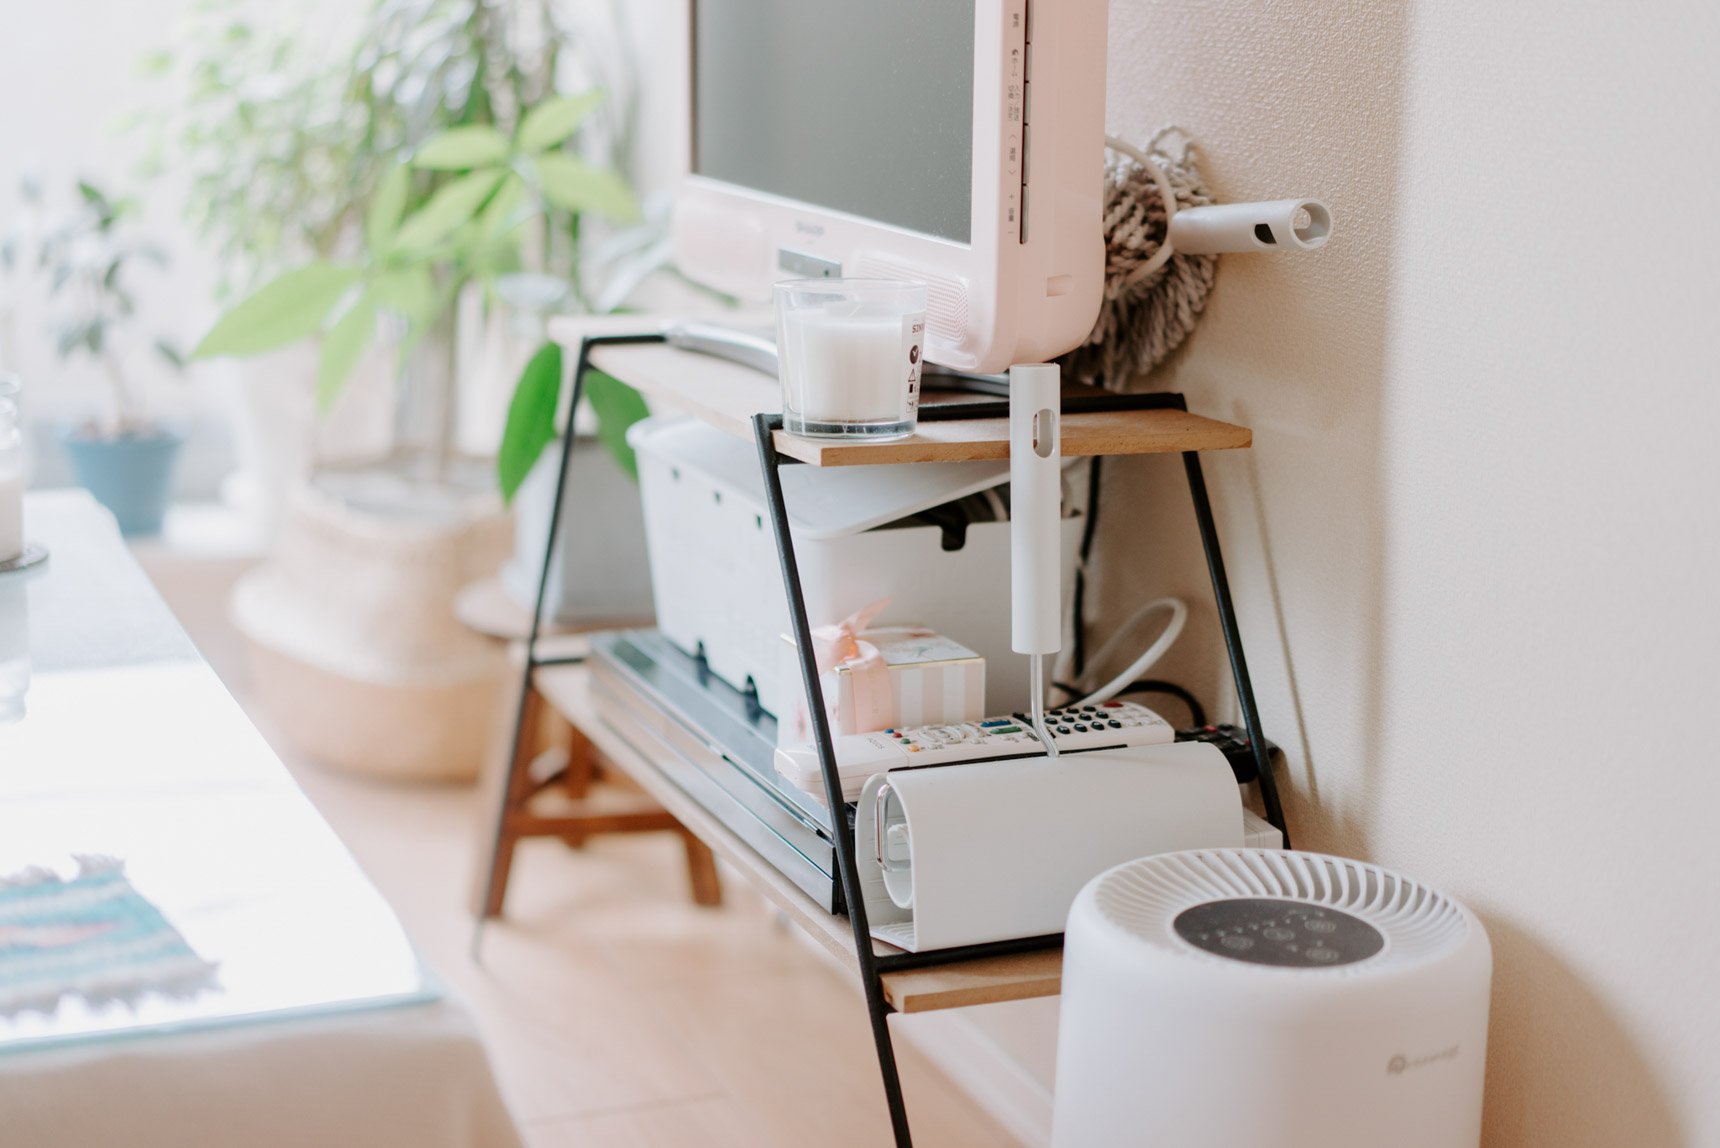 テレビボードは、横幅が大きすぎないものを探してNATURAL KITCHENで購入。